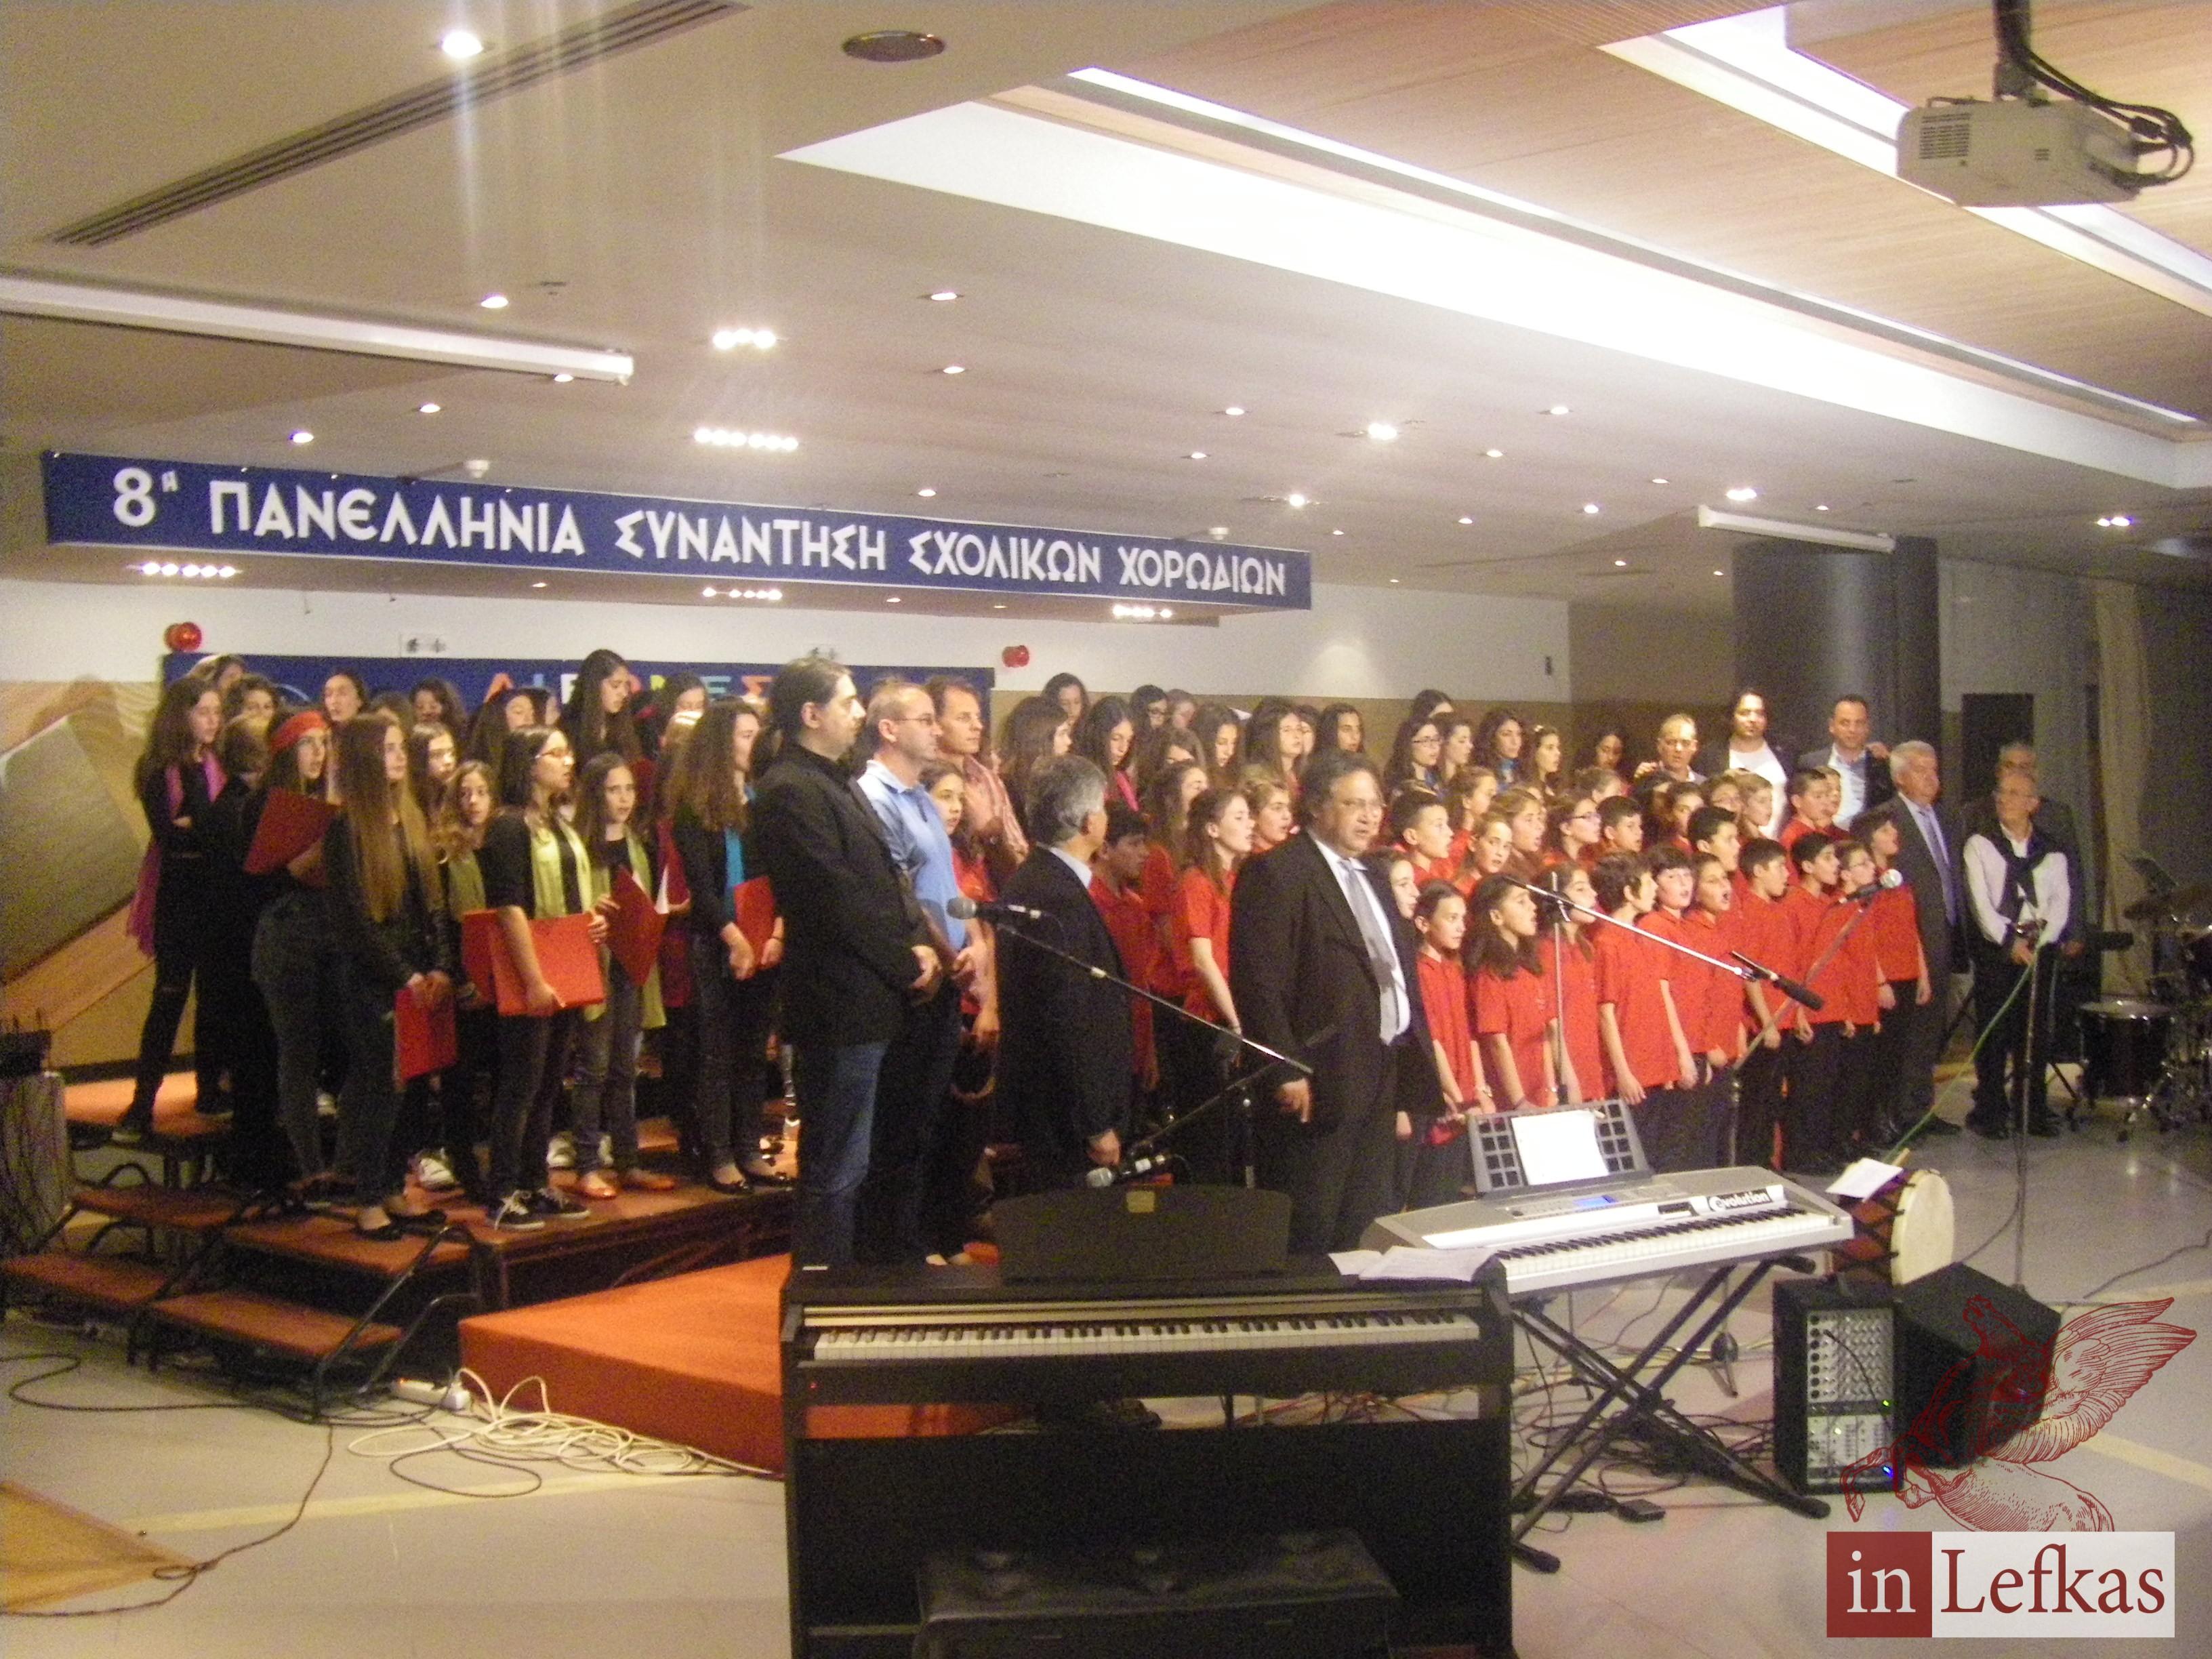 Η χορωδία του 1ου Γυμνασίου Λευκάδας στην 8η συνάντηση σχολικών χορωδιών στην Καρδίτσα